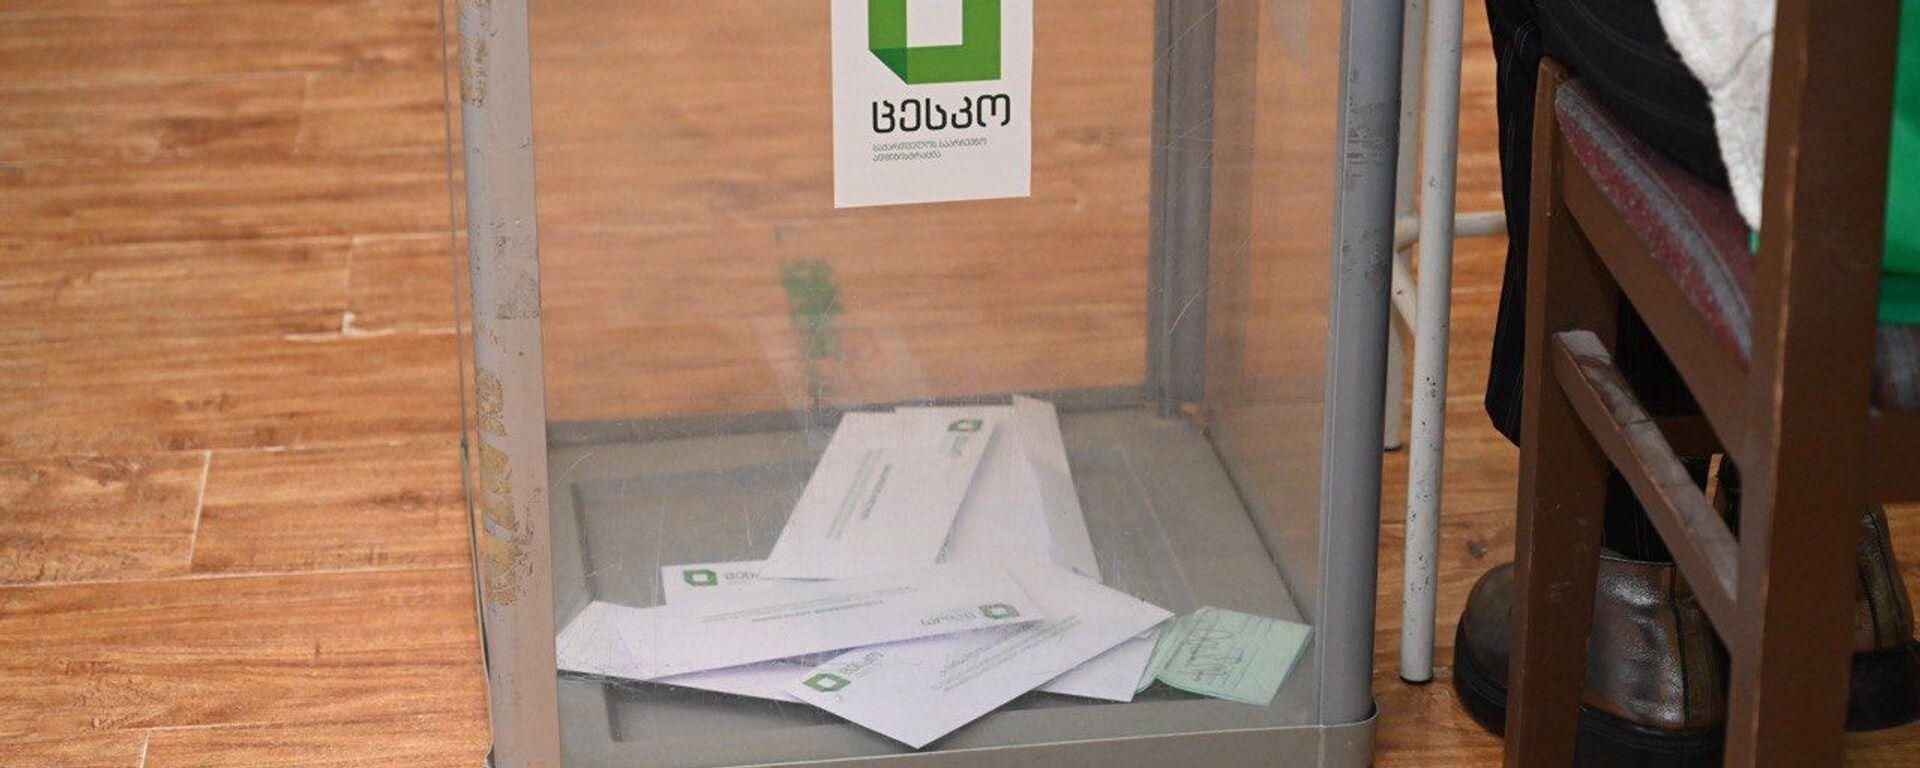 Выборы в парламент Грузии. Второй тур 21 ноября 2020 года в столице страны - урна и бюллетени - Sputnik Грузия, 1920, 23.08.2021